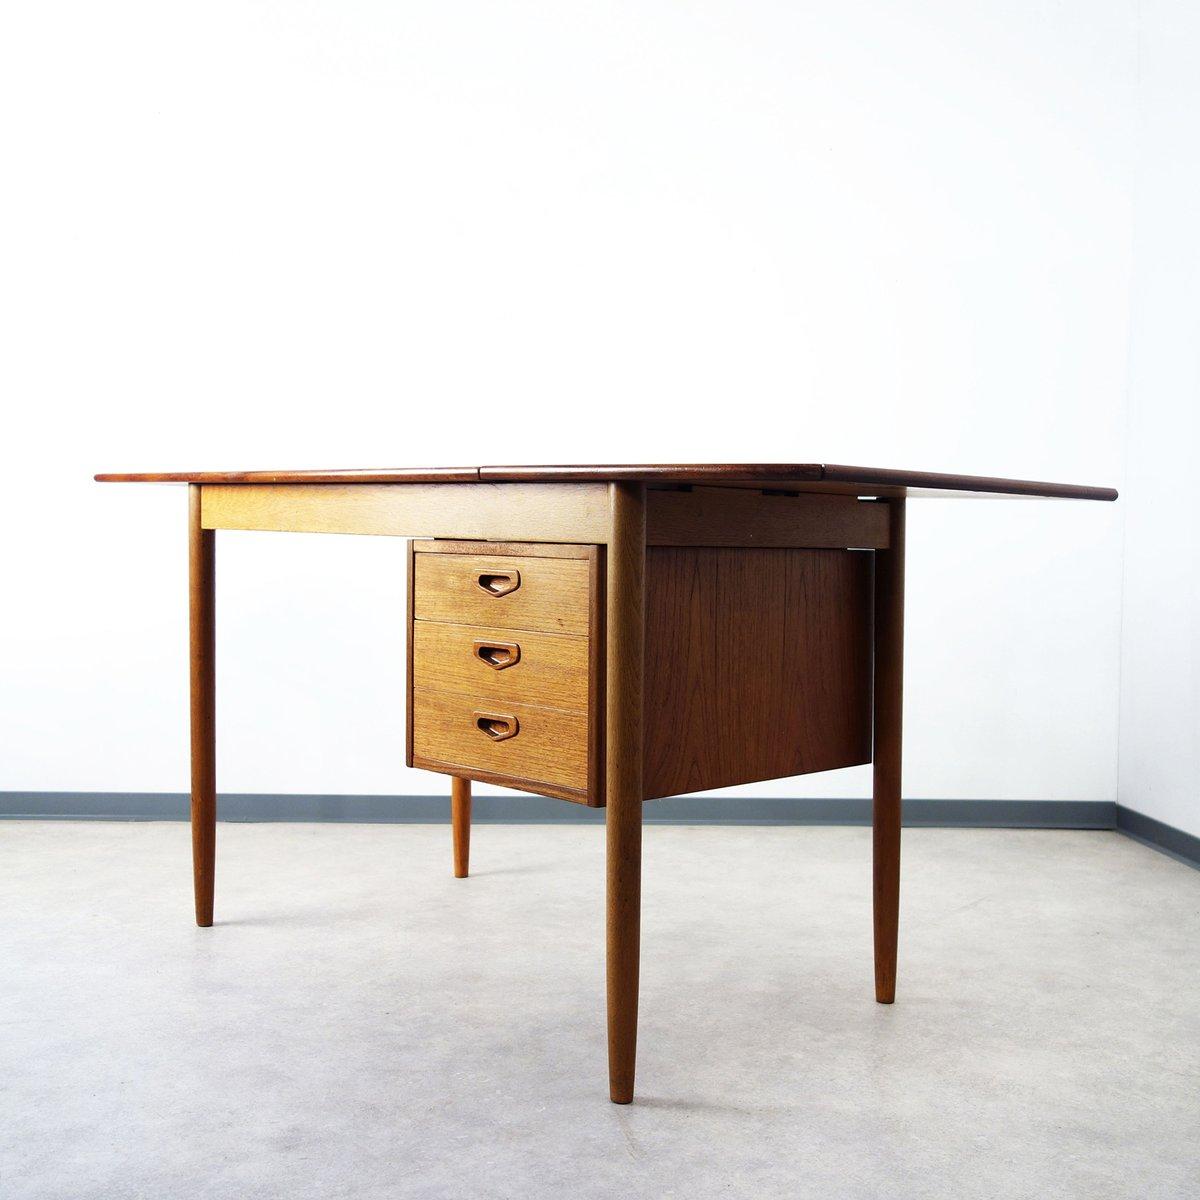 d nischer vintage teak tisch bei pamono kaufen. Black Bedroom Furniture Sets. Home Design Ideas